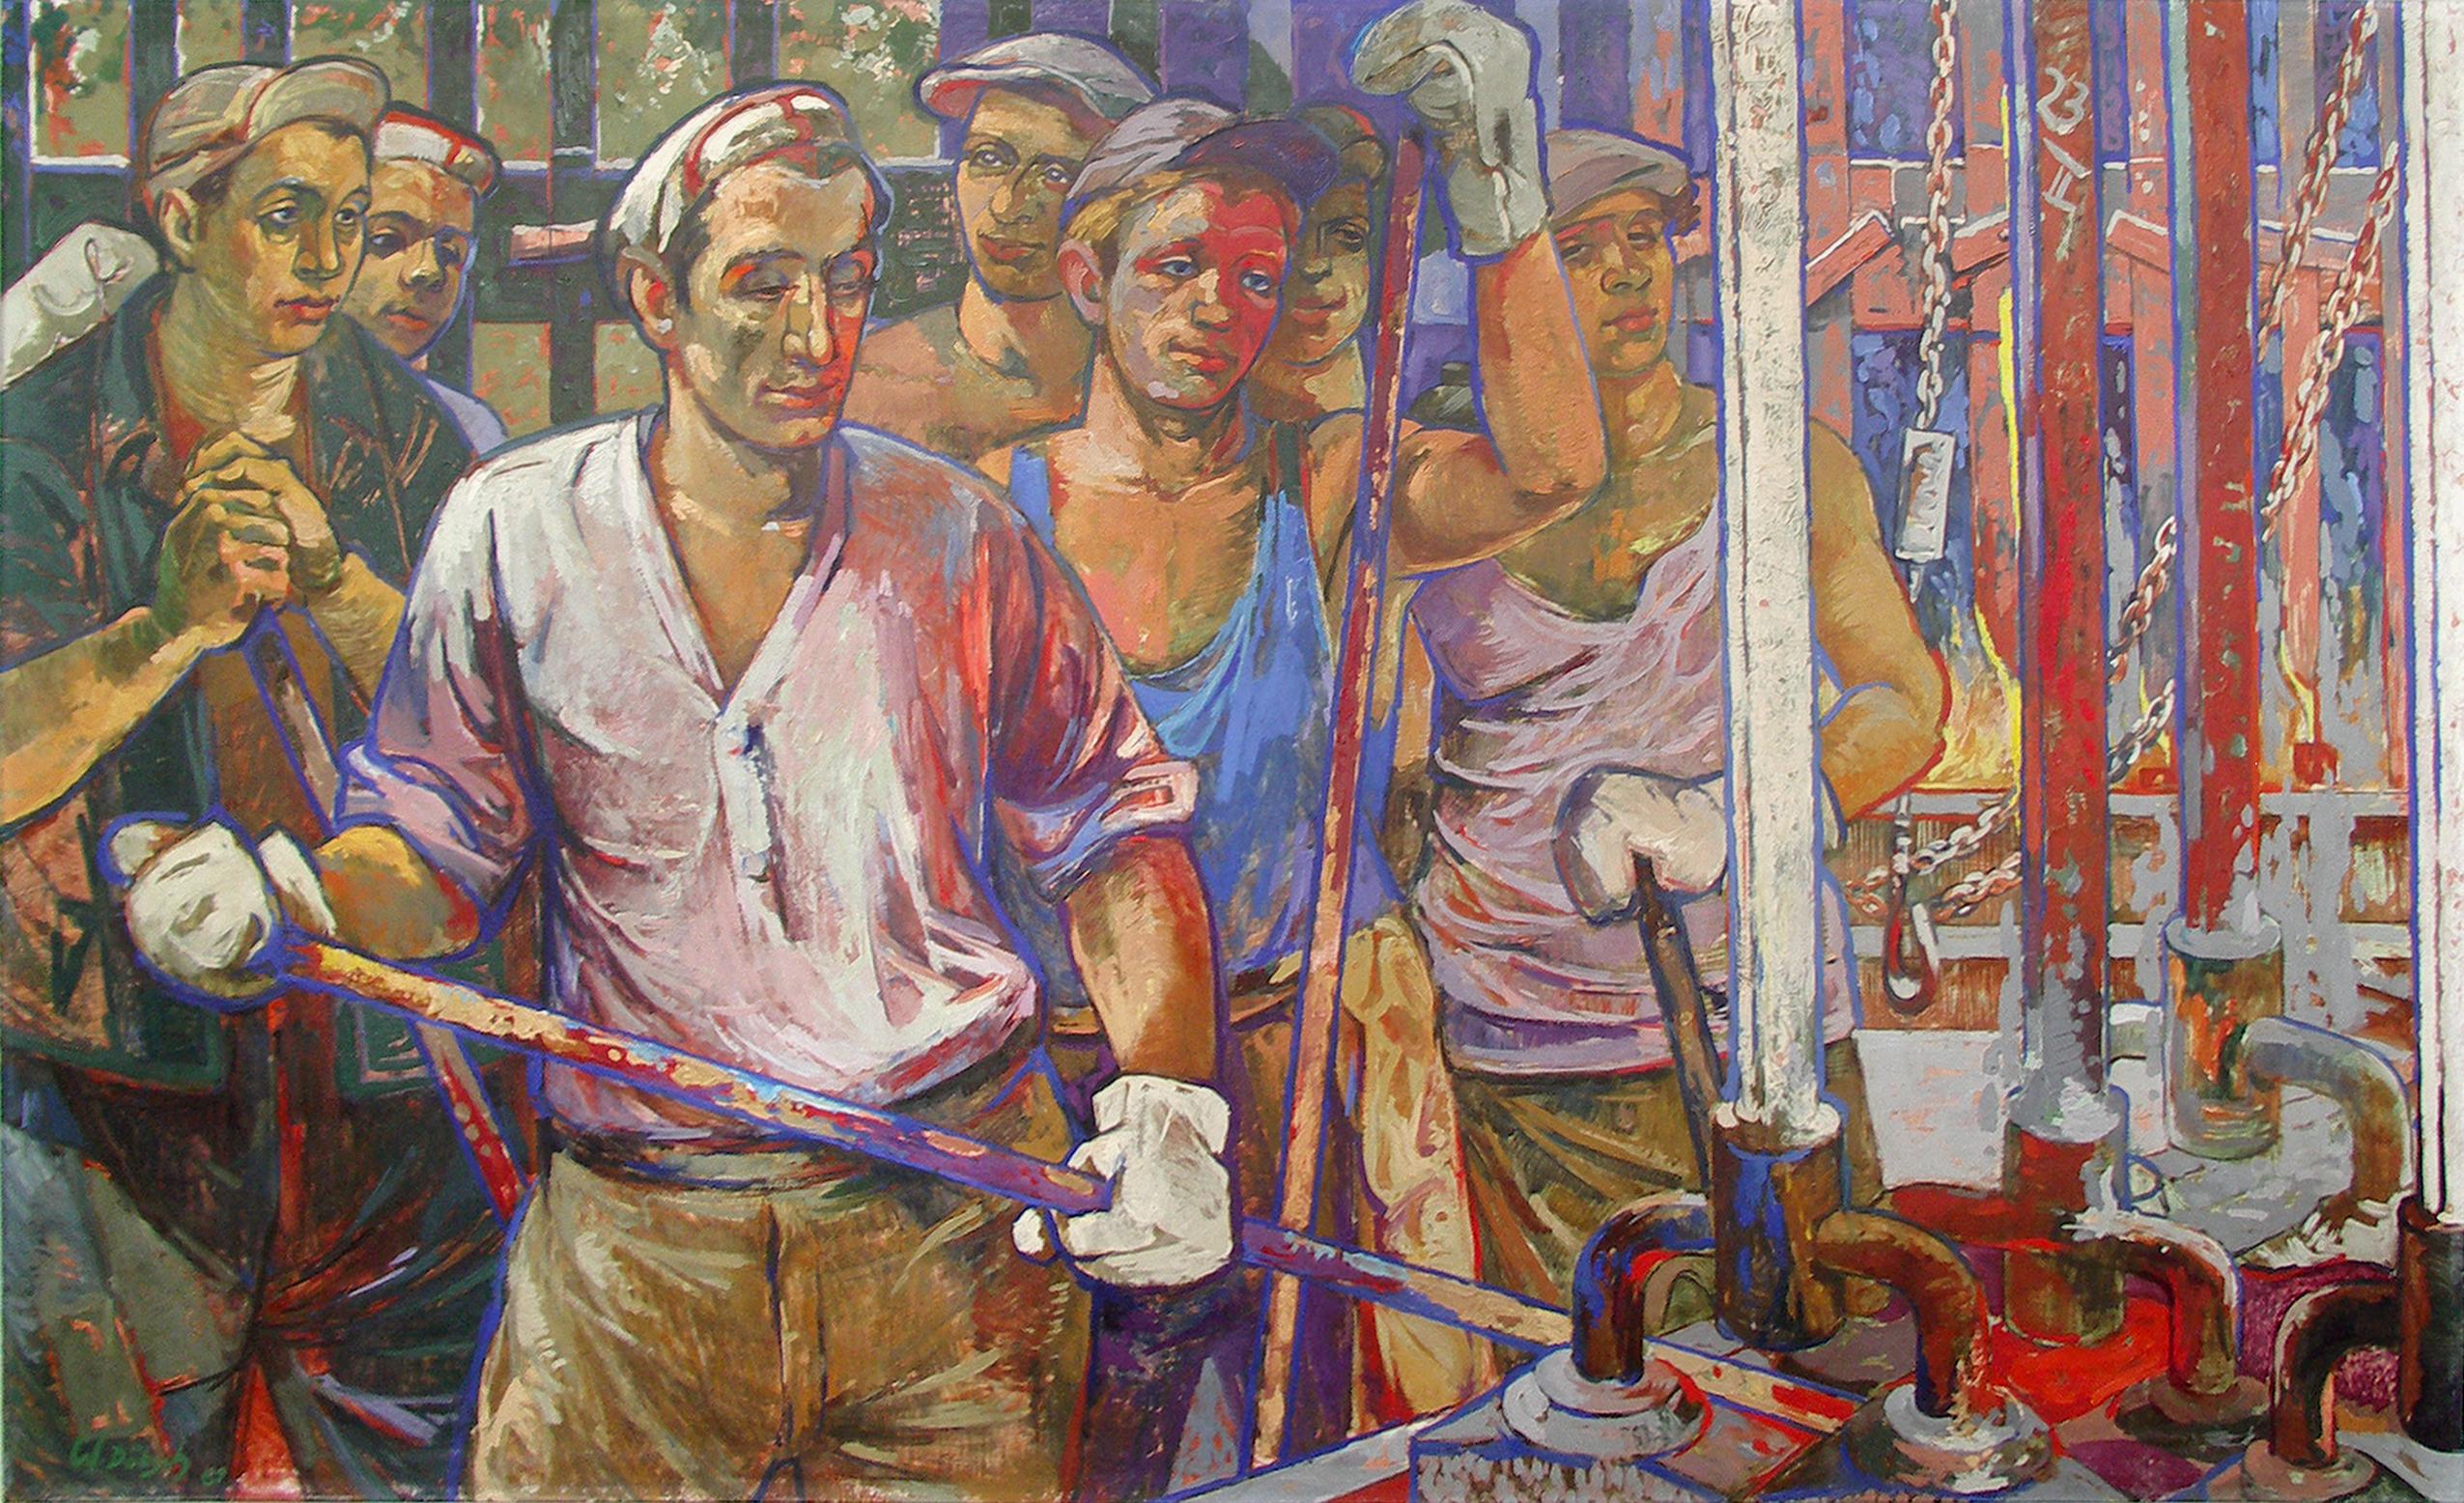 Arbeiter Und Arbeiterklasse In Der Ddr Kunst In Der Ddr Themenanregungen